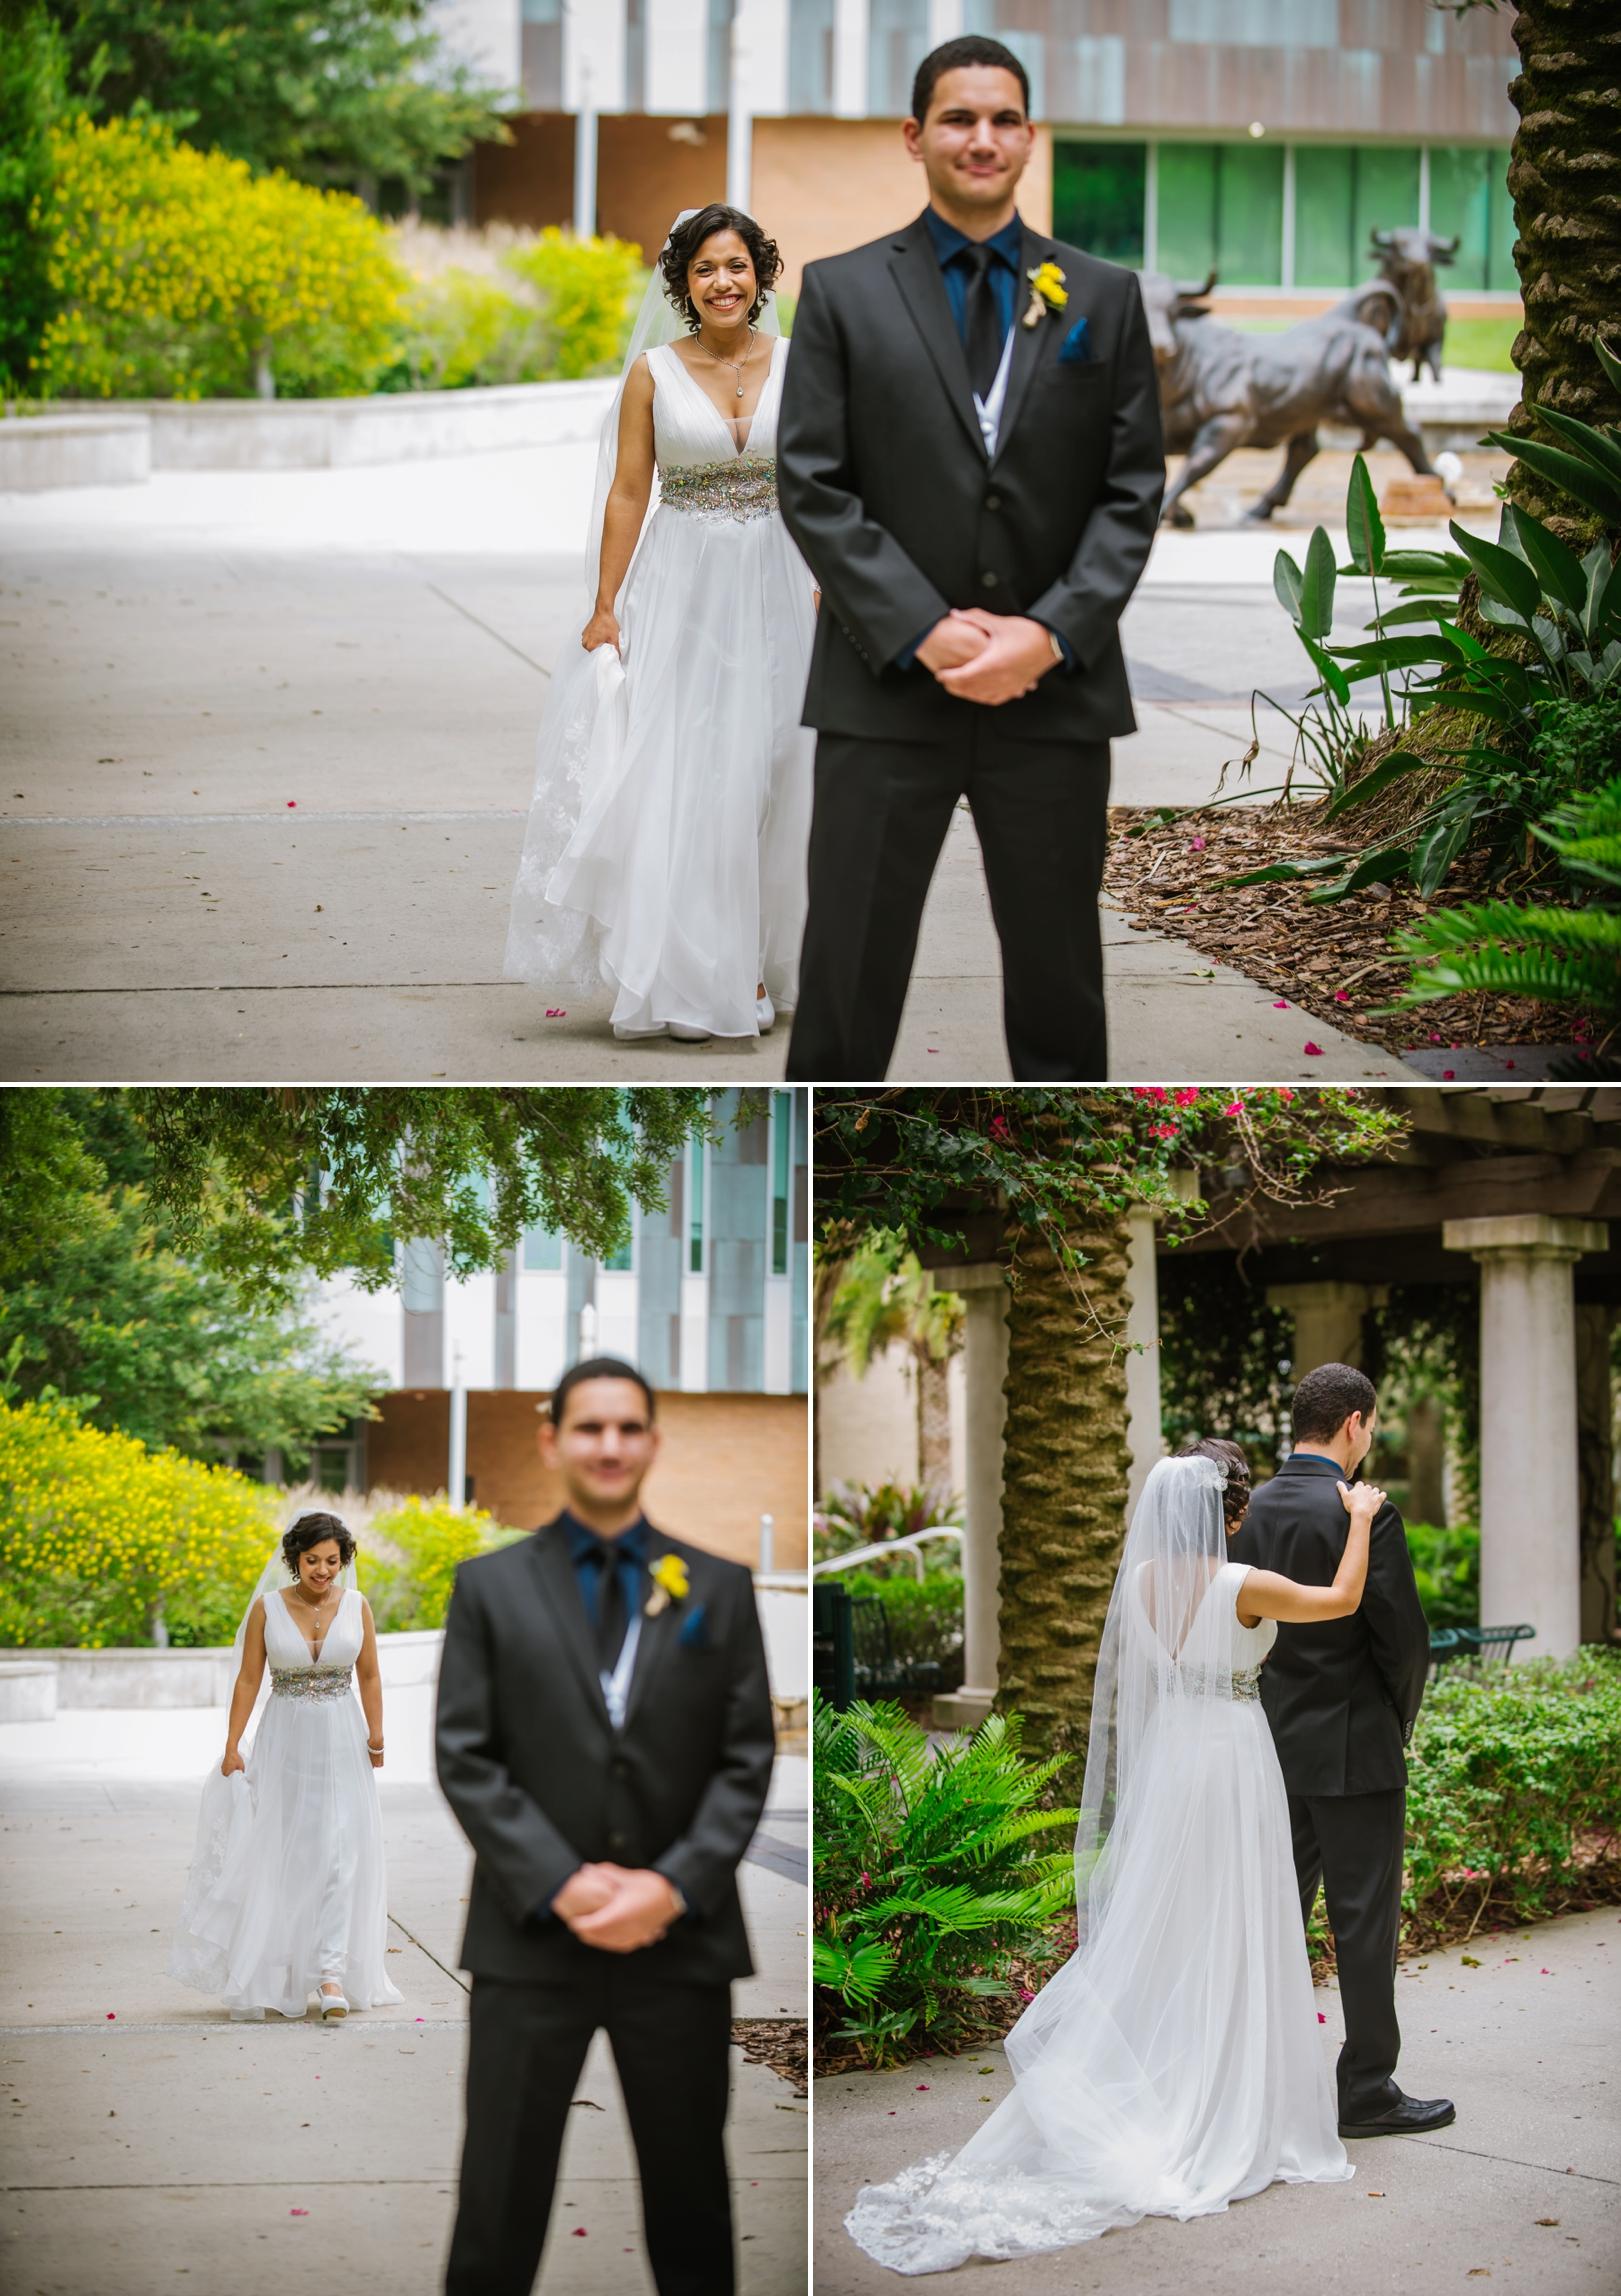 tampa-wedding-photographer-ashlee-hamon-usf_0007.jpg